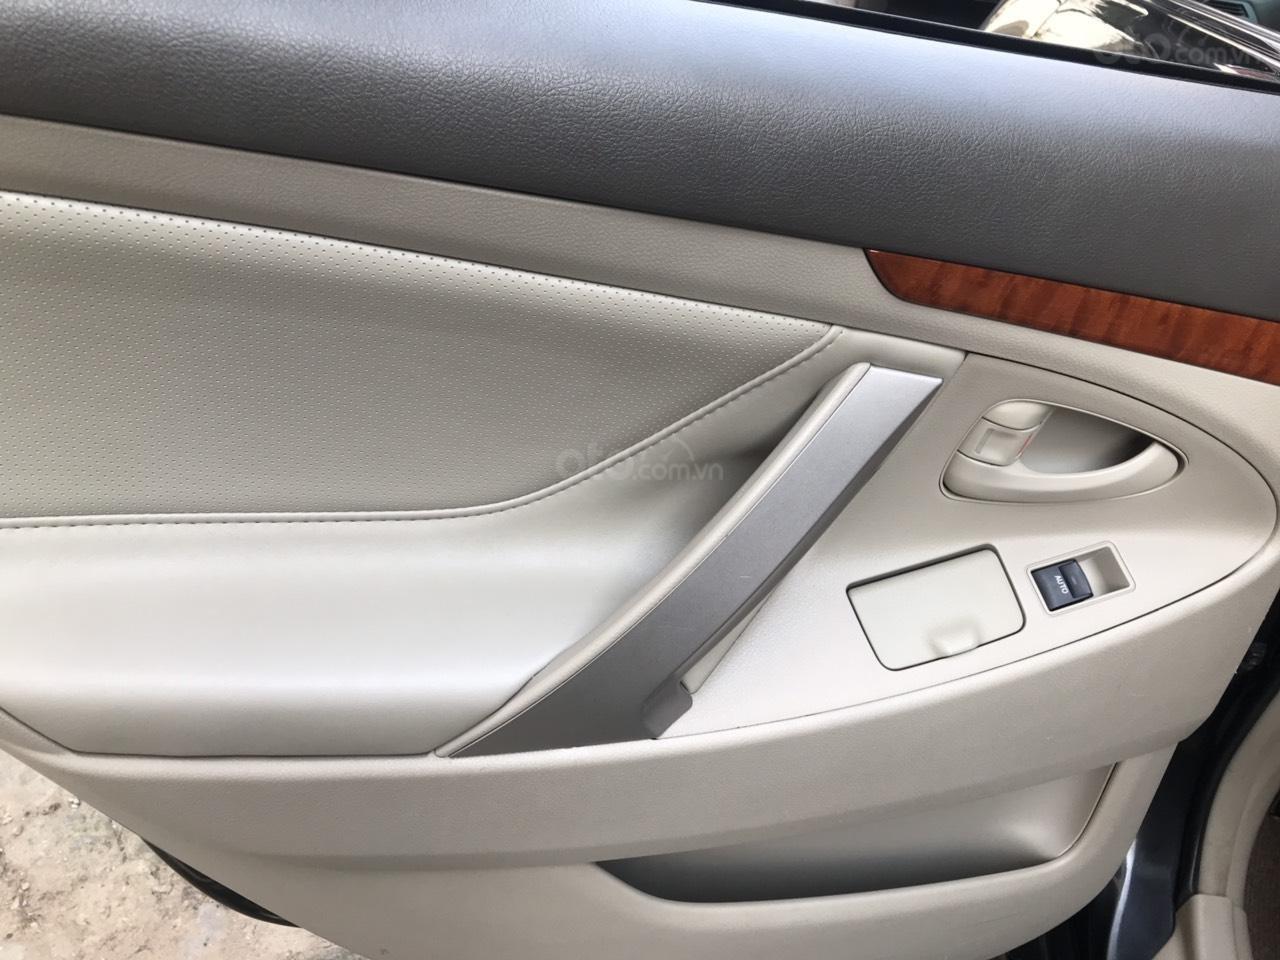 Chính chủ bán xe Camry 2.4G sản xuất và đăng ký năm 2010 (5)